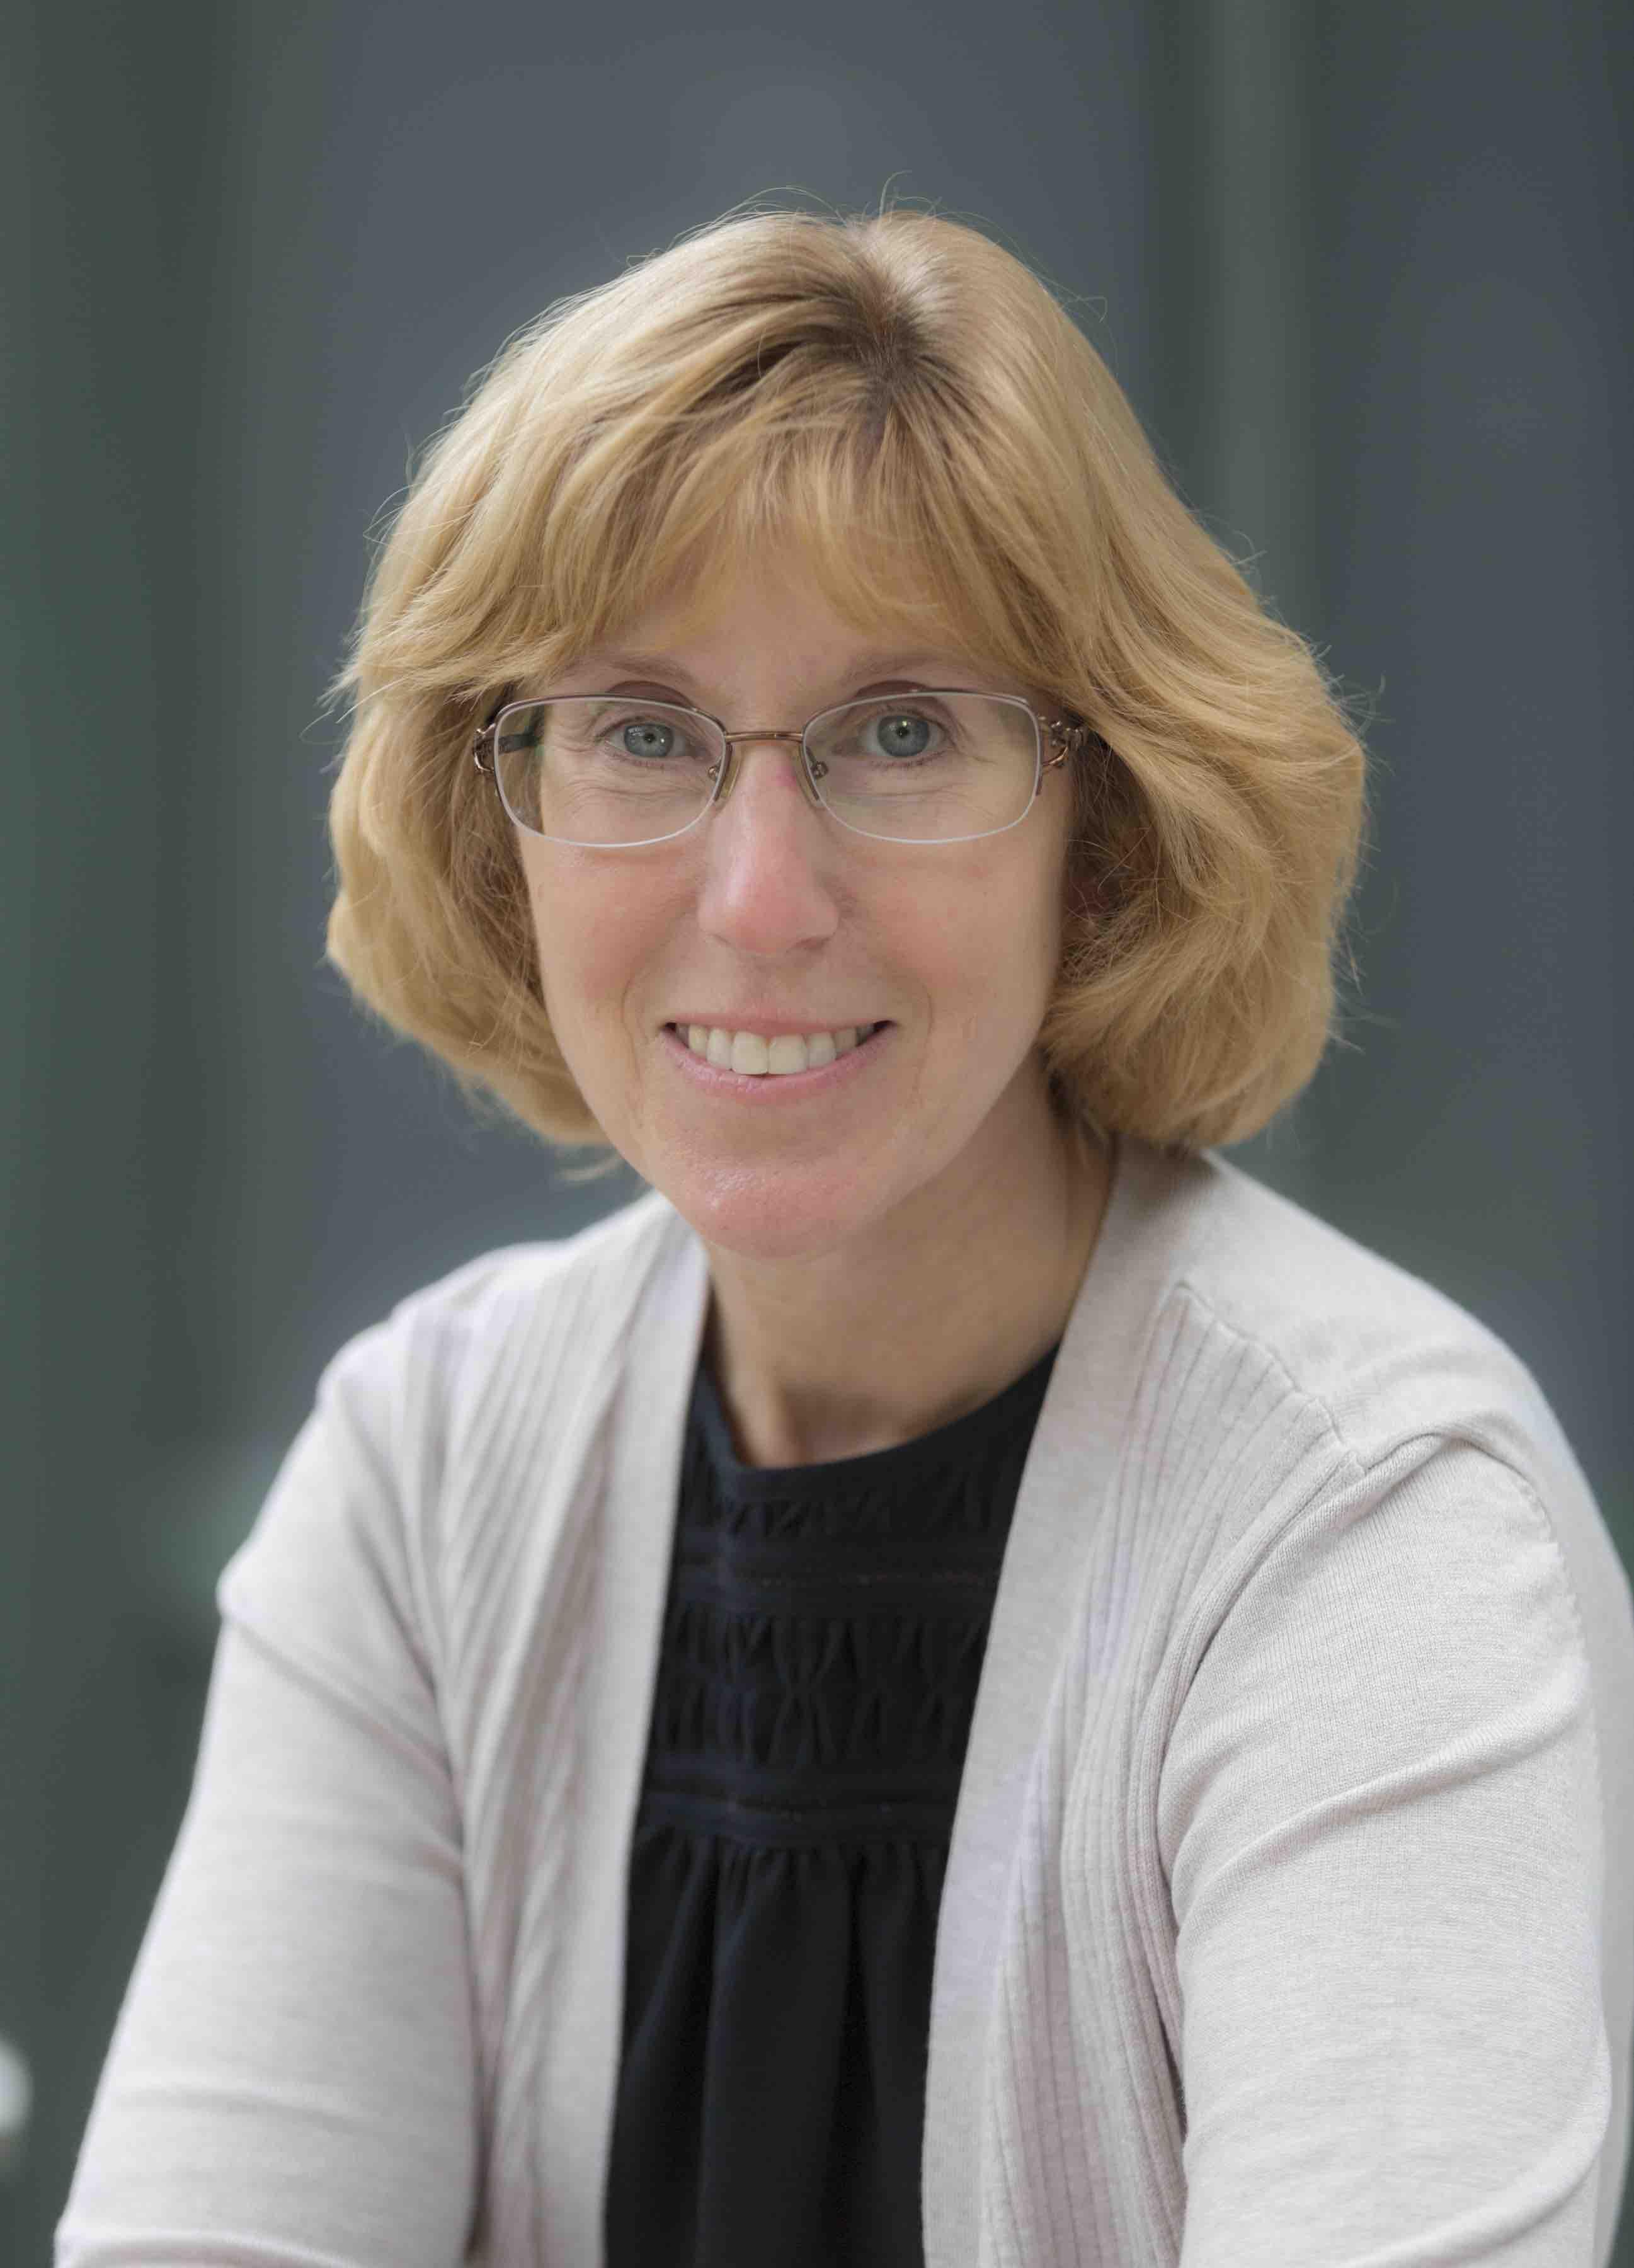 Lynne Yanders